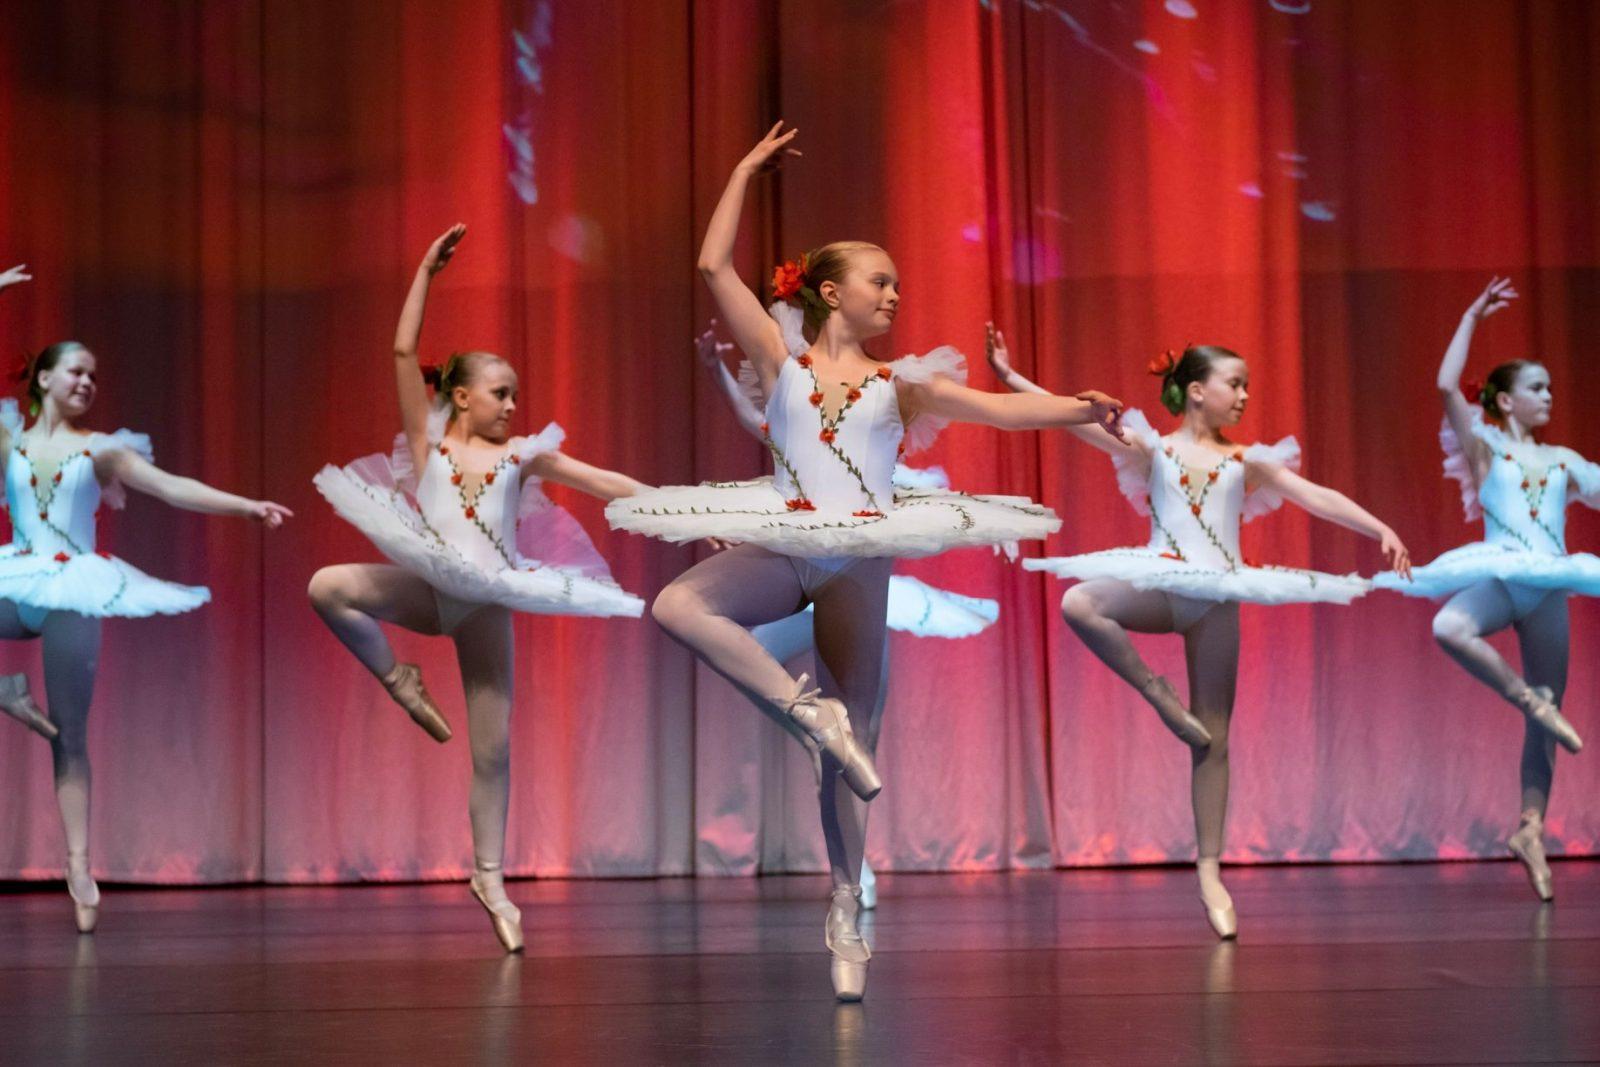 Balettitanssijat esiintyvät tanssinäytöksessä